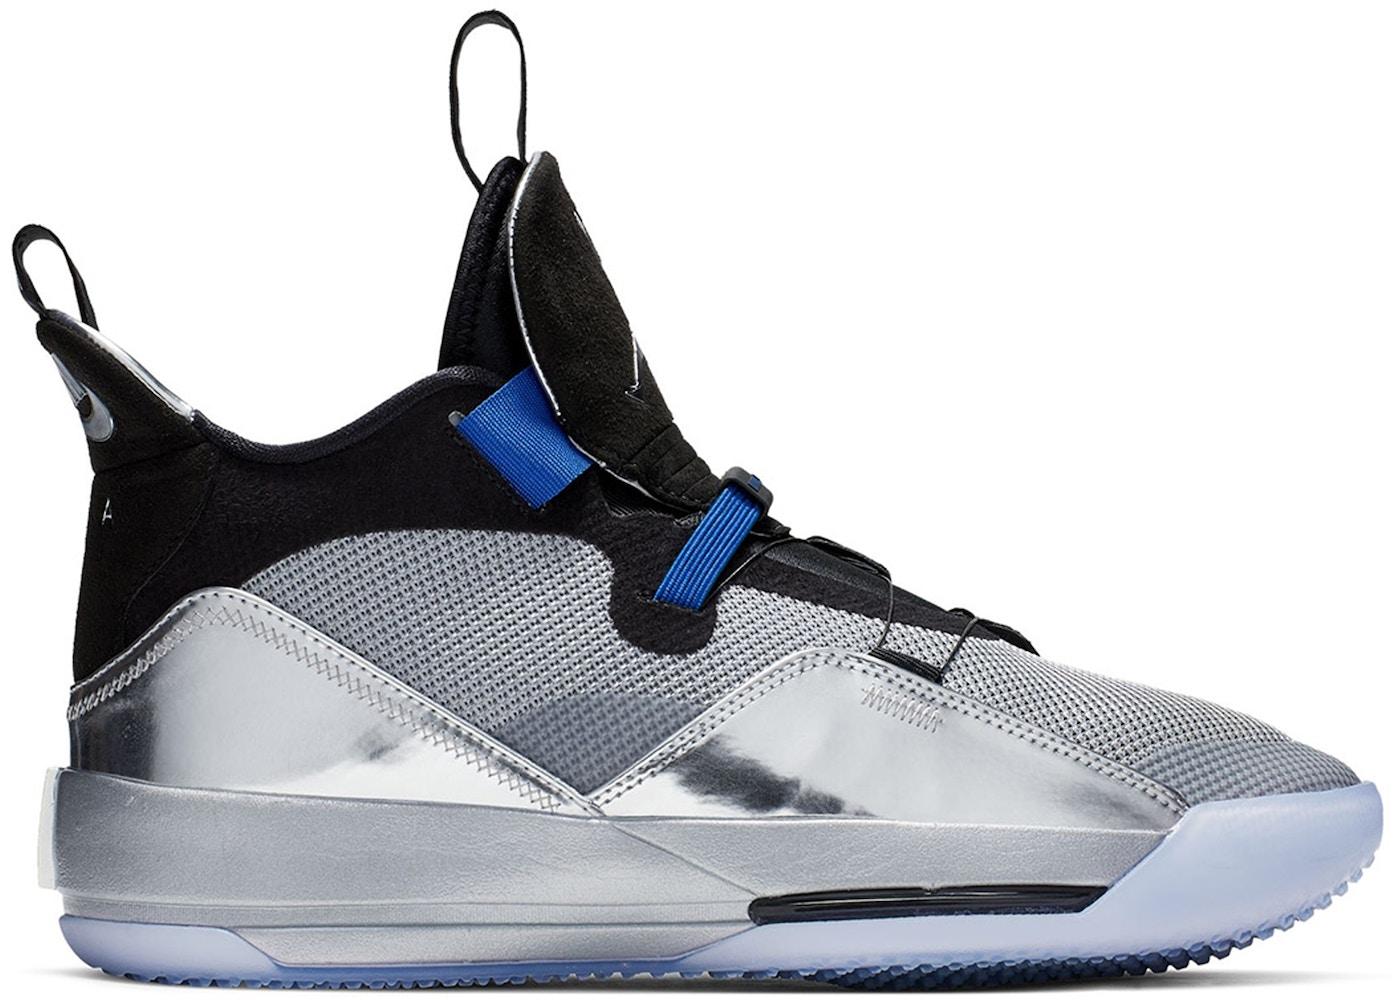 692a07d10a4ffe Jordan XXXIII Metallic Silver Black All Star - AQ8830-005